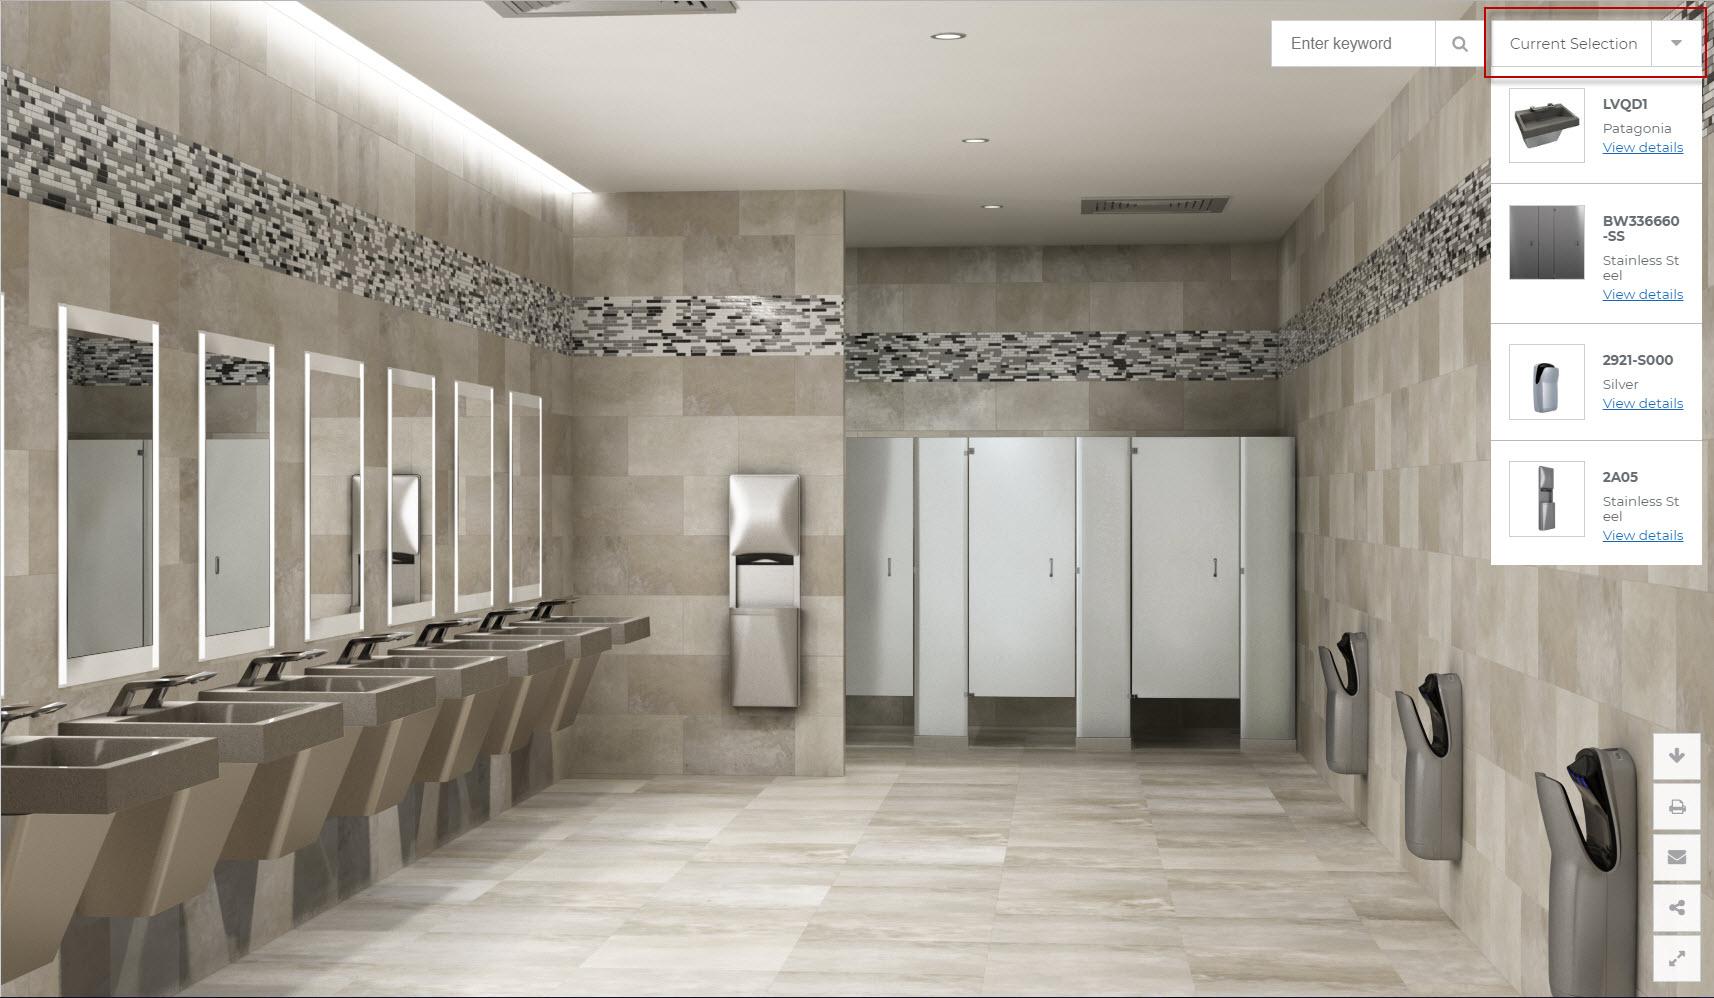 Bradley Virtual Design Center Selected Product Models Materials Menu